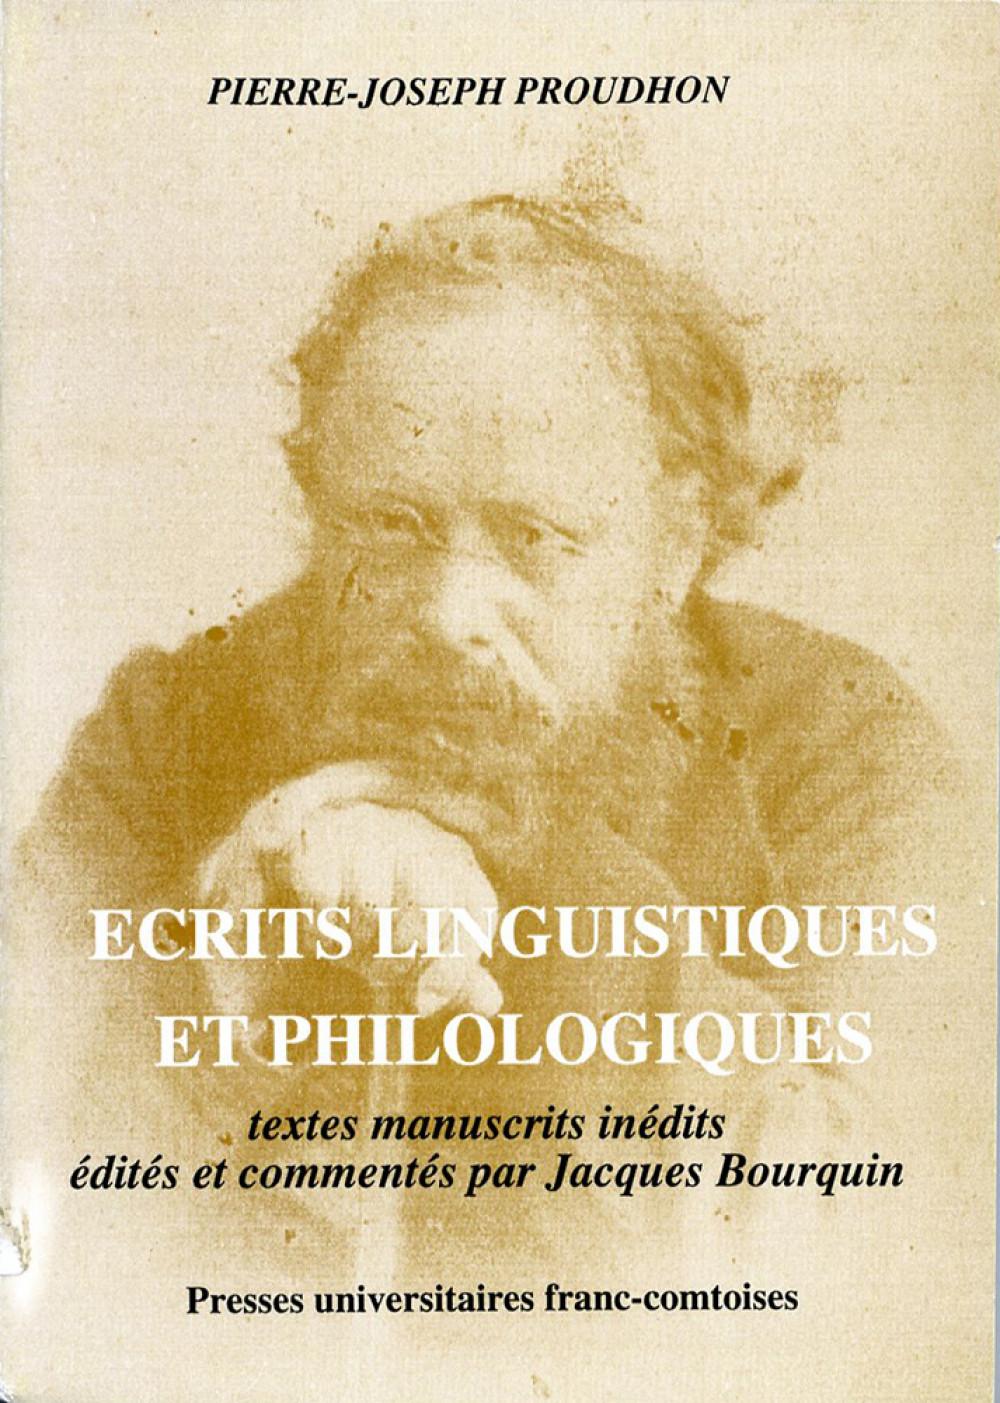 Ecrits linguistiques et philologiques